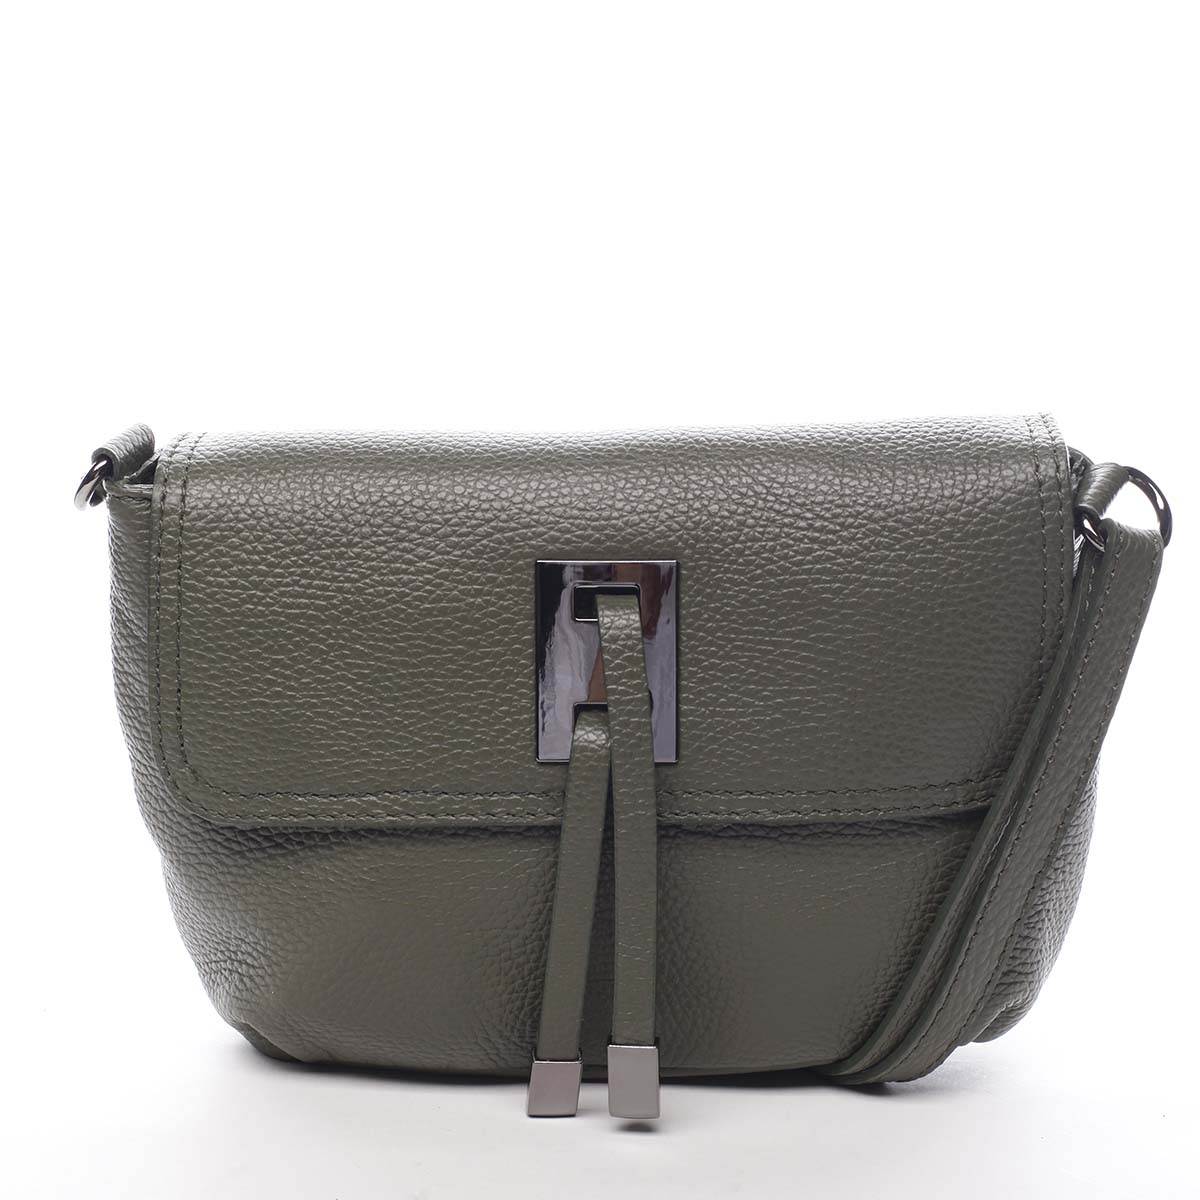 Dámská kožená crossbody kabelka olivová - ItalY Porta